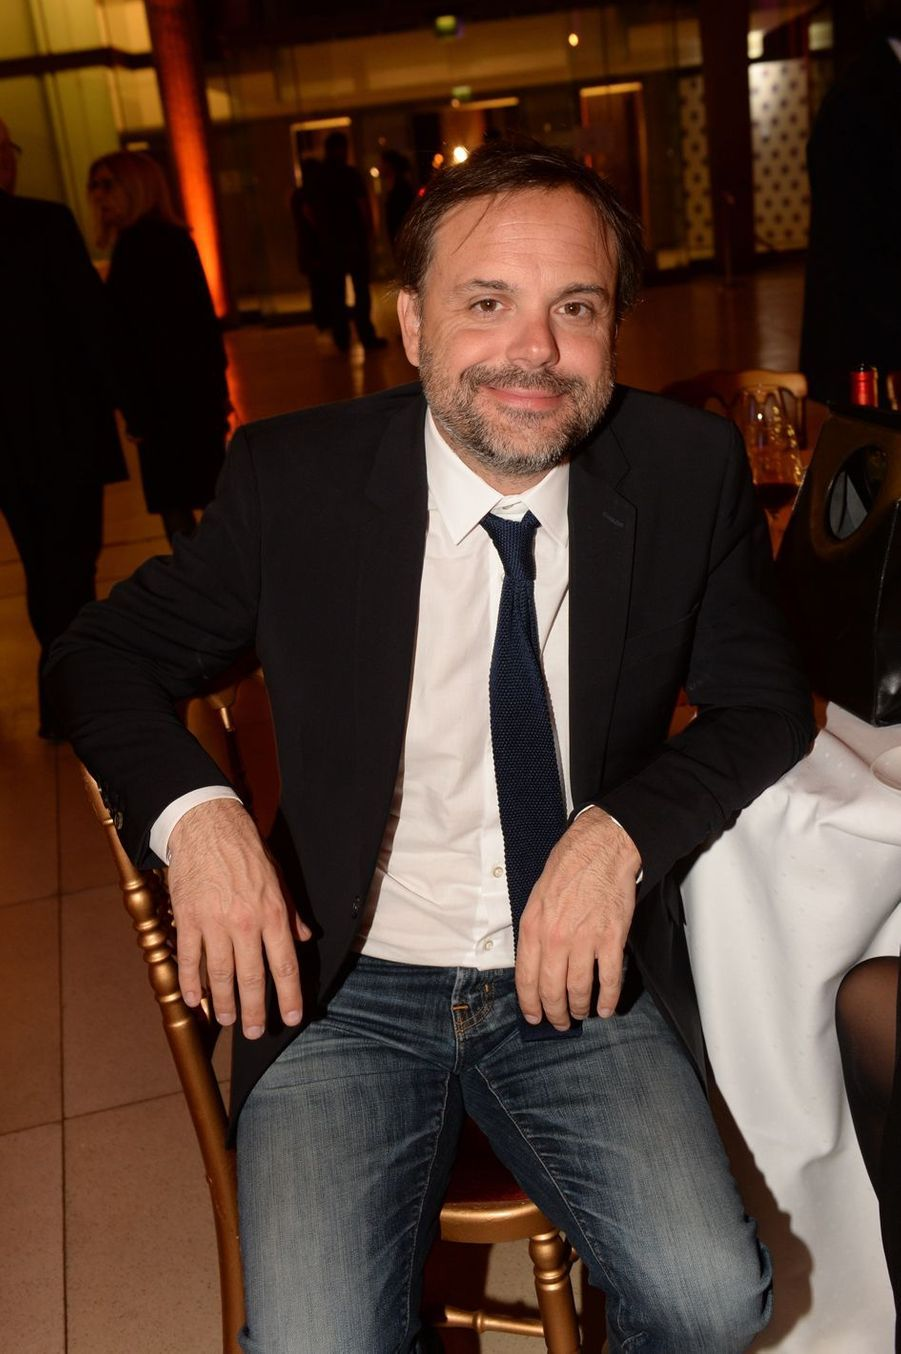 """Romain Sardouà la 9ème édition du gala de l'association """"Sauveteurs Sans Frontières"""" au palais d'Iéna à Paris le 25 mars 2019"""